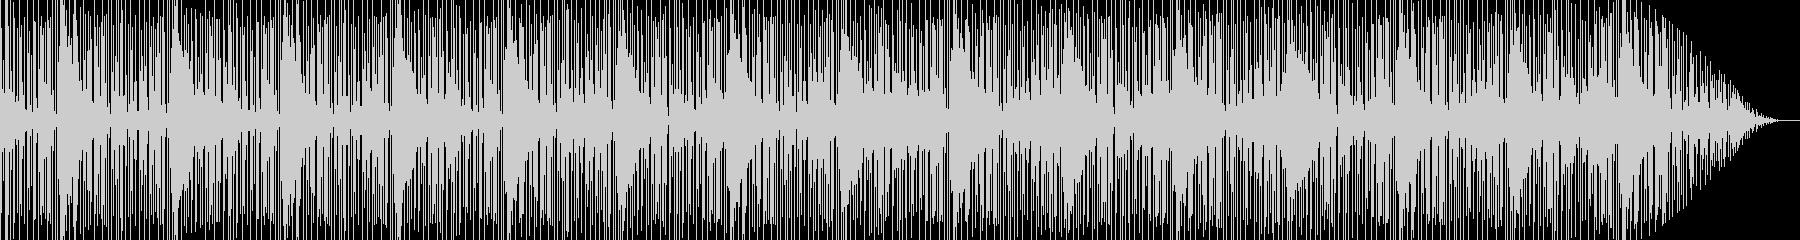 ゾクゾクするようなスリルを感じるBGMの未再生の波形